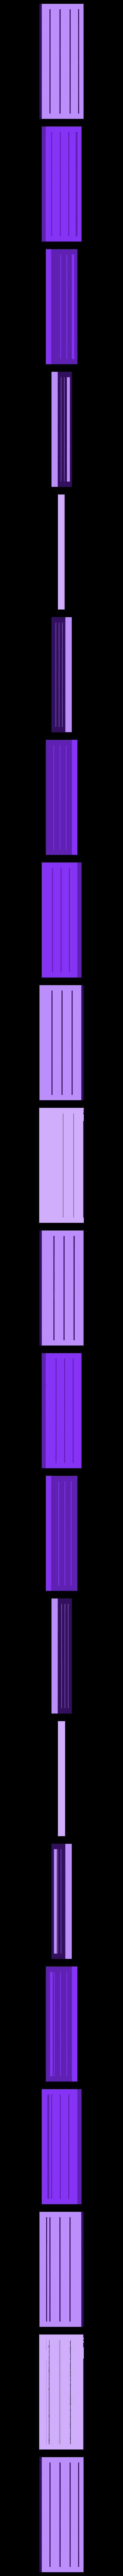 slide_door1.stl Télécharger fichier STL gratuit Le moulin • Design pour imprimante 3D, Earsling